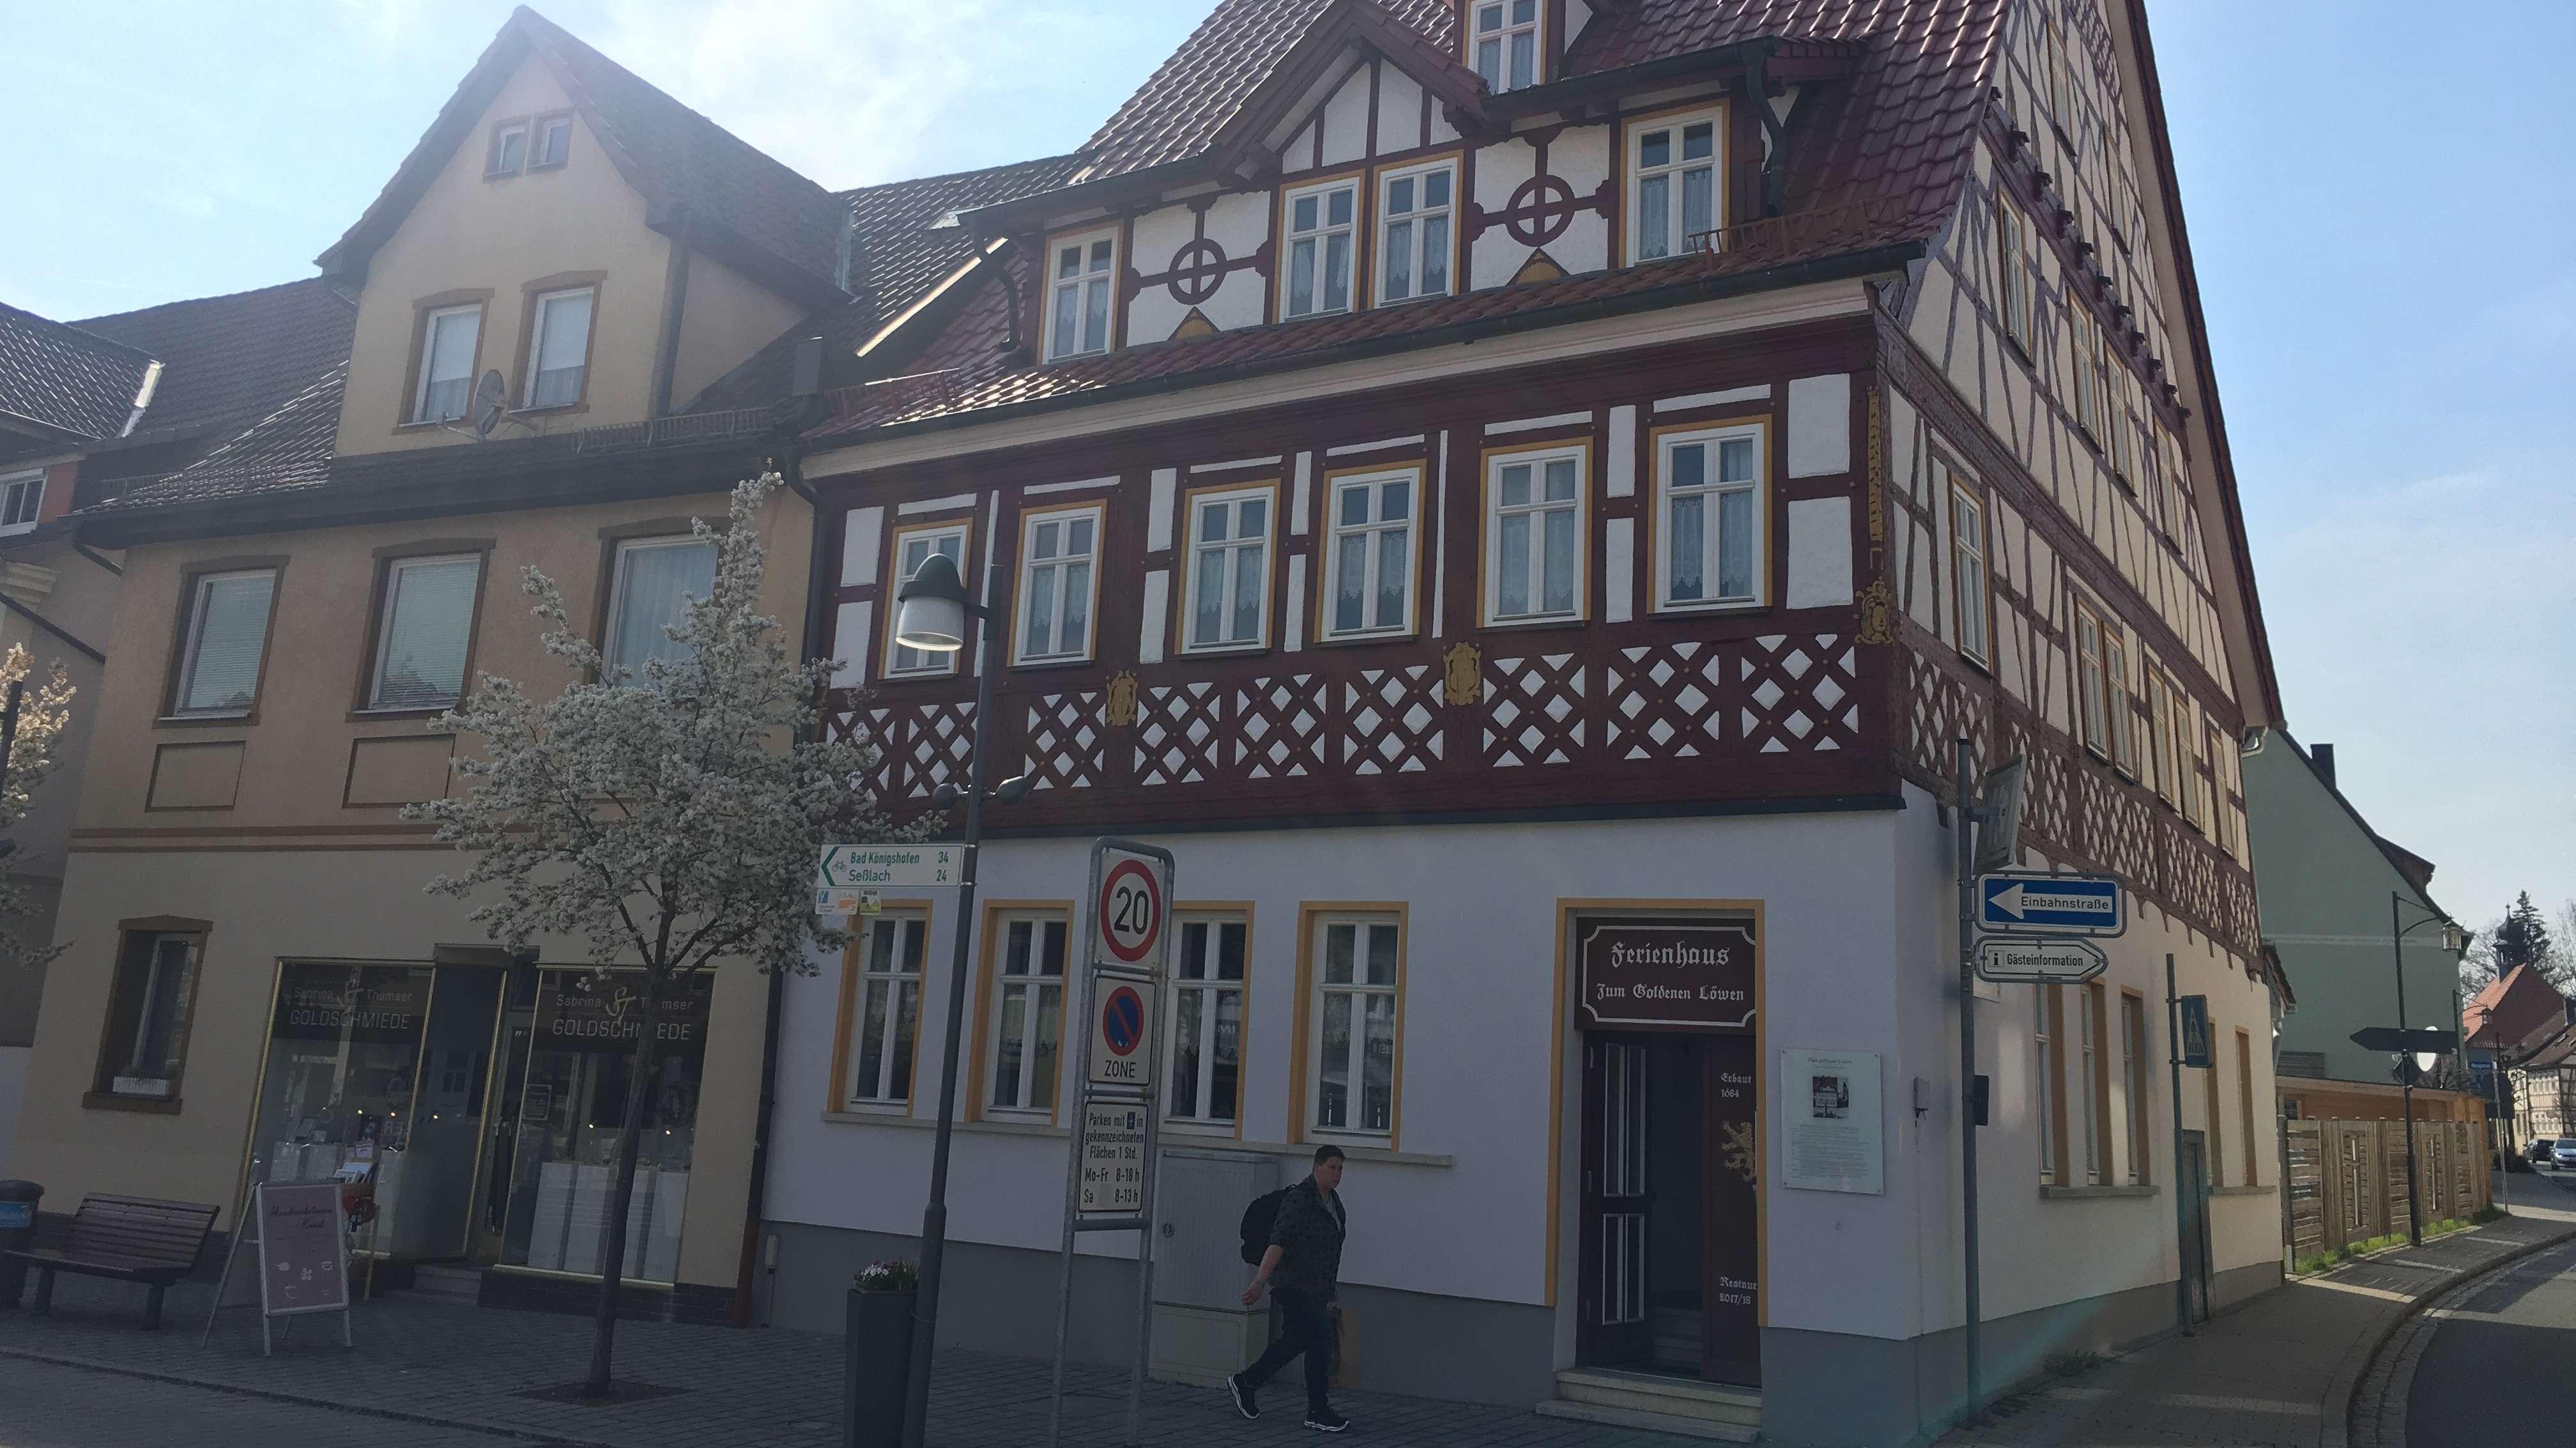 Ein frisch saniertes Fachwerkhaus an einer Straßenecke zu der Fußgängerzone mit rot gestrichenen Balken und einem goldenen Schild über der Eingangstür